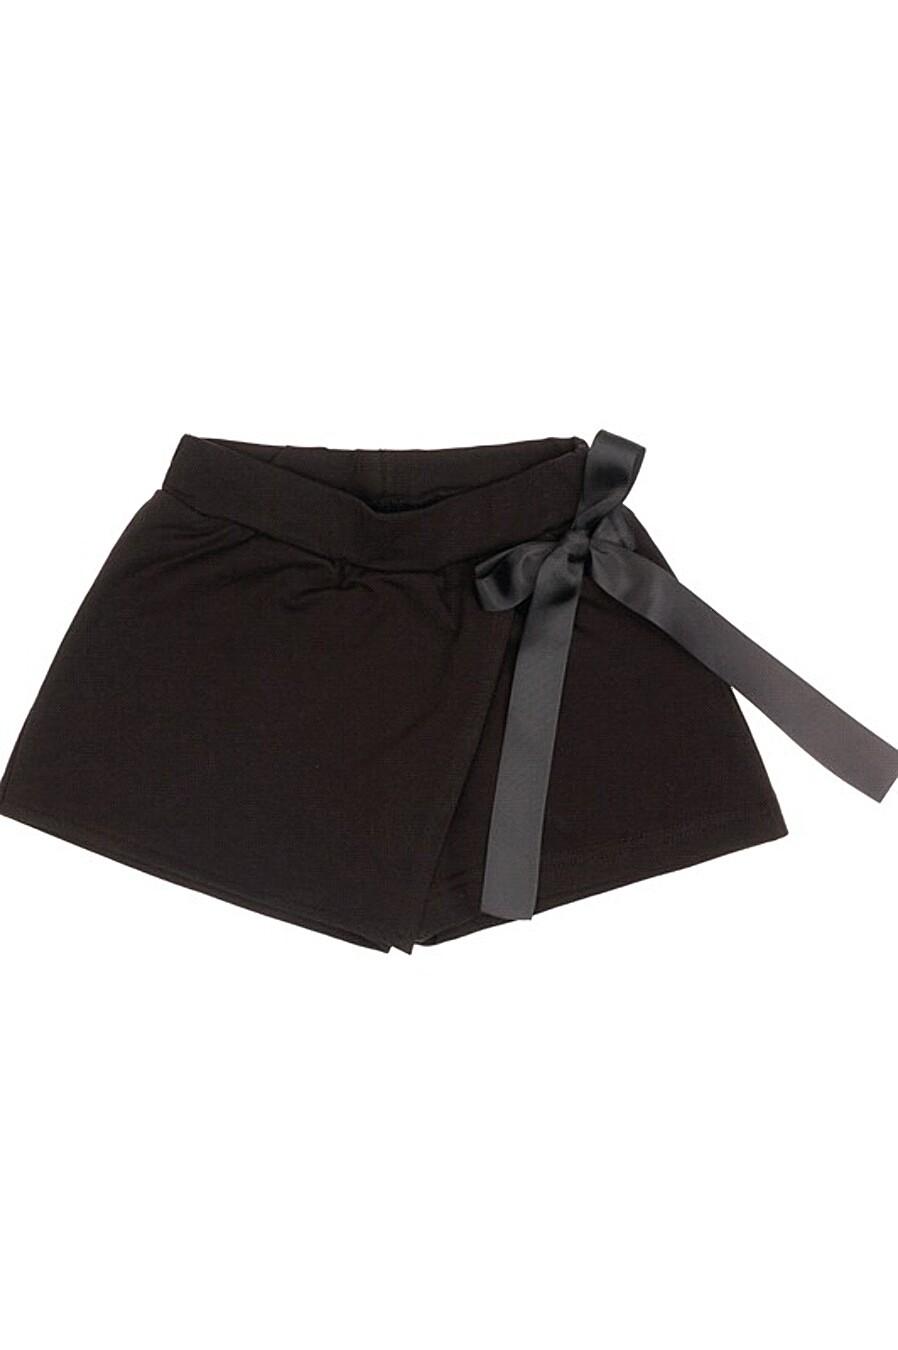 Шорты для девочек АПРЕЛЬ 219060 купить оптом от производителя. Совместная покупка детской одежды в OptMoyo